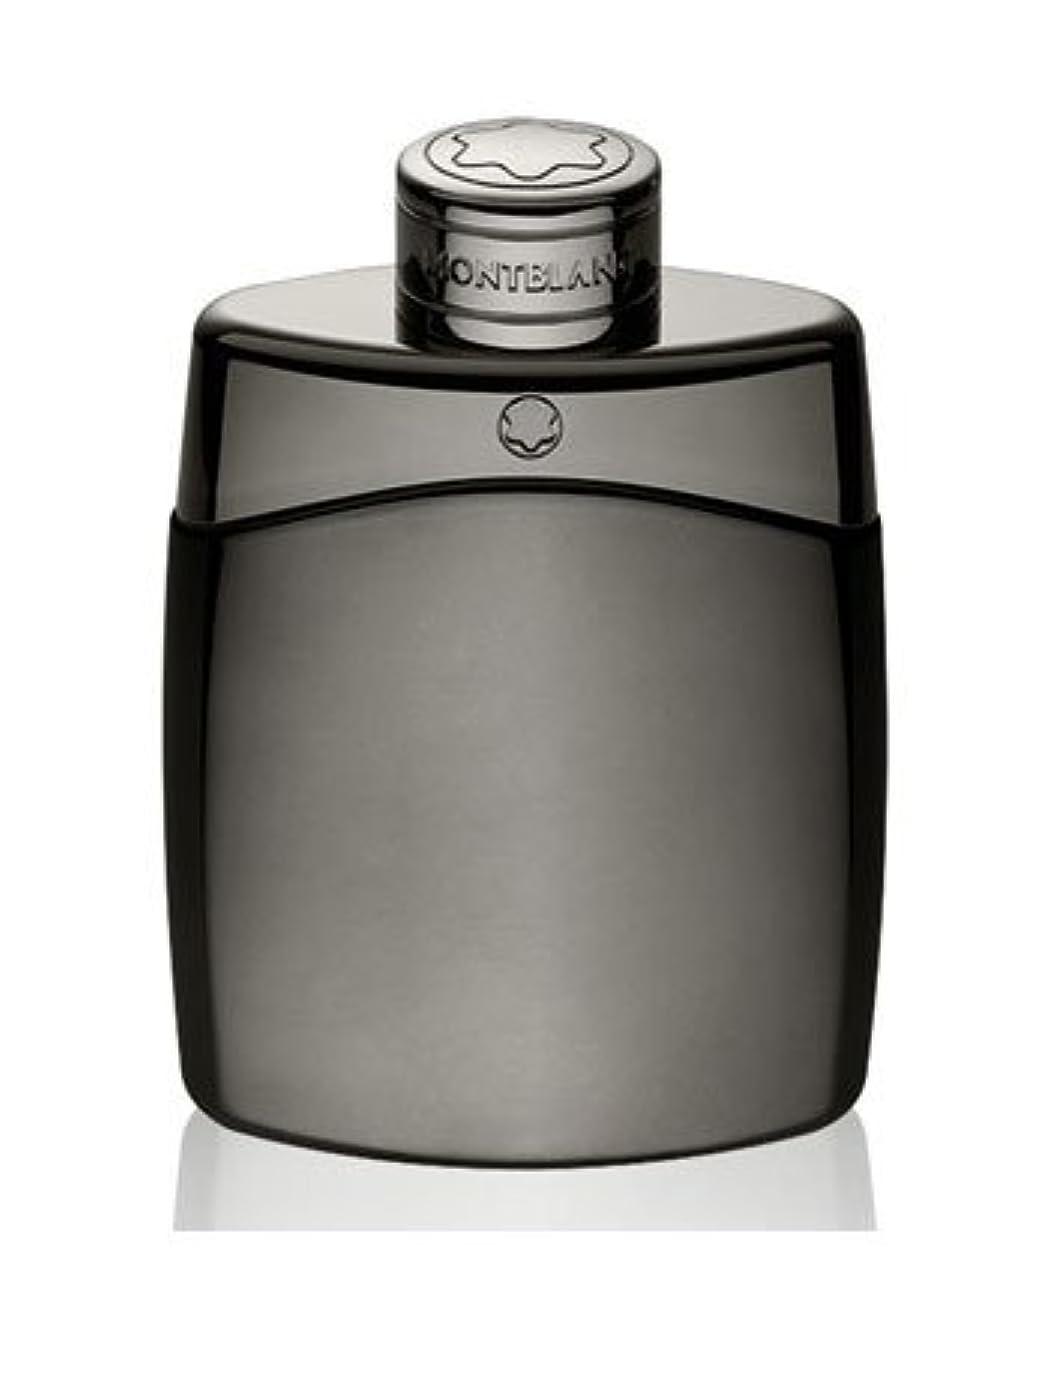 倫理的残酷砂利Mont Blanc Legend Intense (モンブラン レジェンド インテンス) 3.3 oz (100ml) EDT Spray for Men